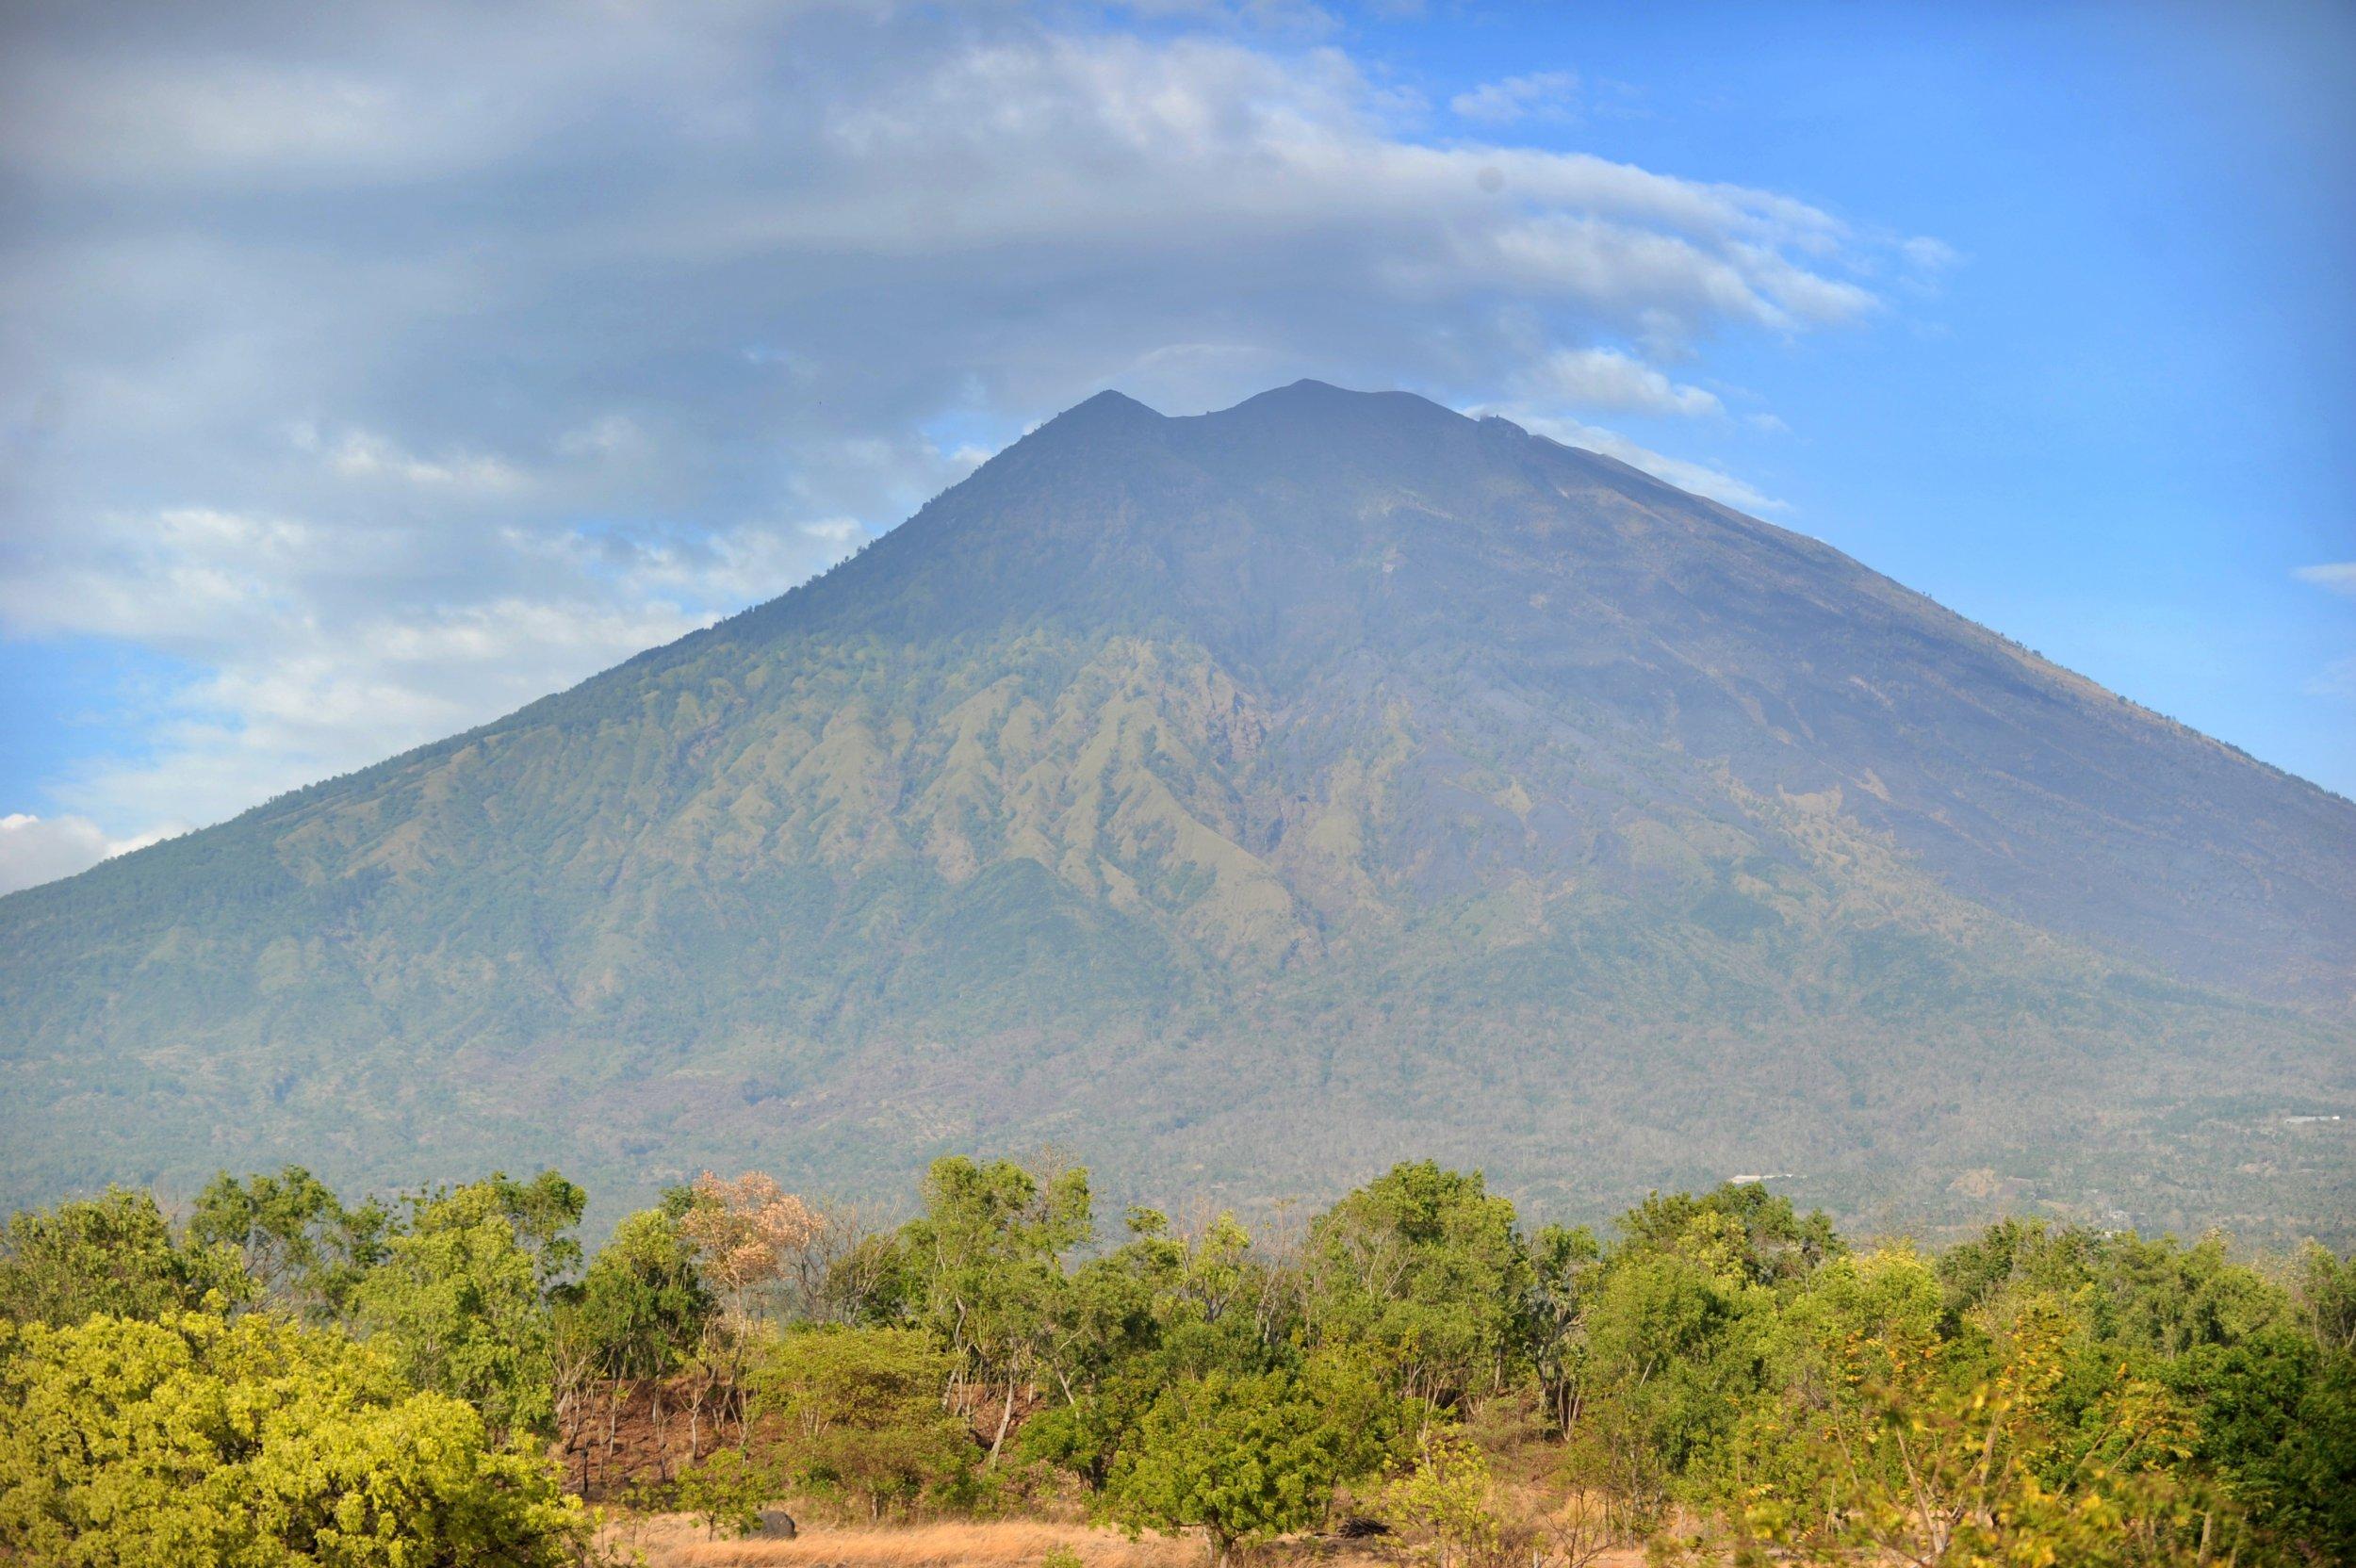 09_24_Mount Agung